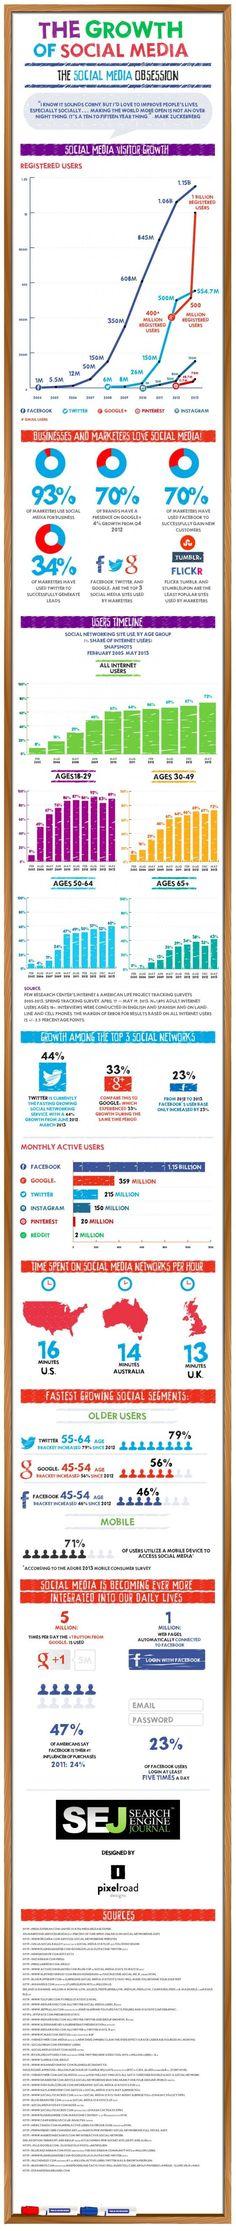 22 Statistiques sur les Médias Sociaux que vous Devriez Connaître en 2014 -